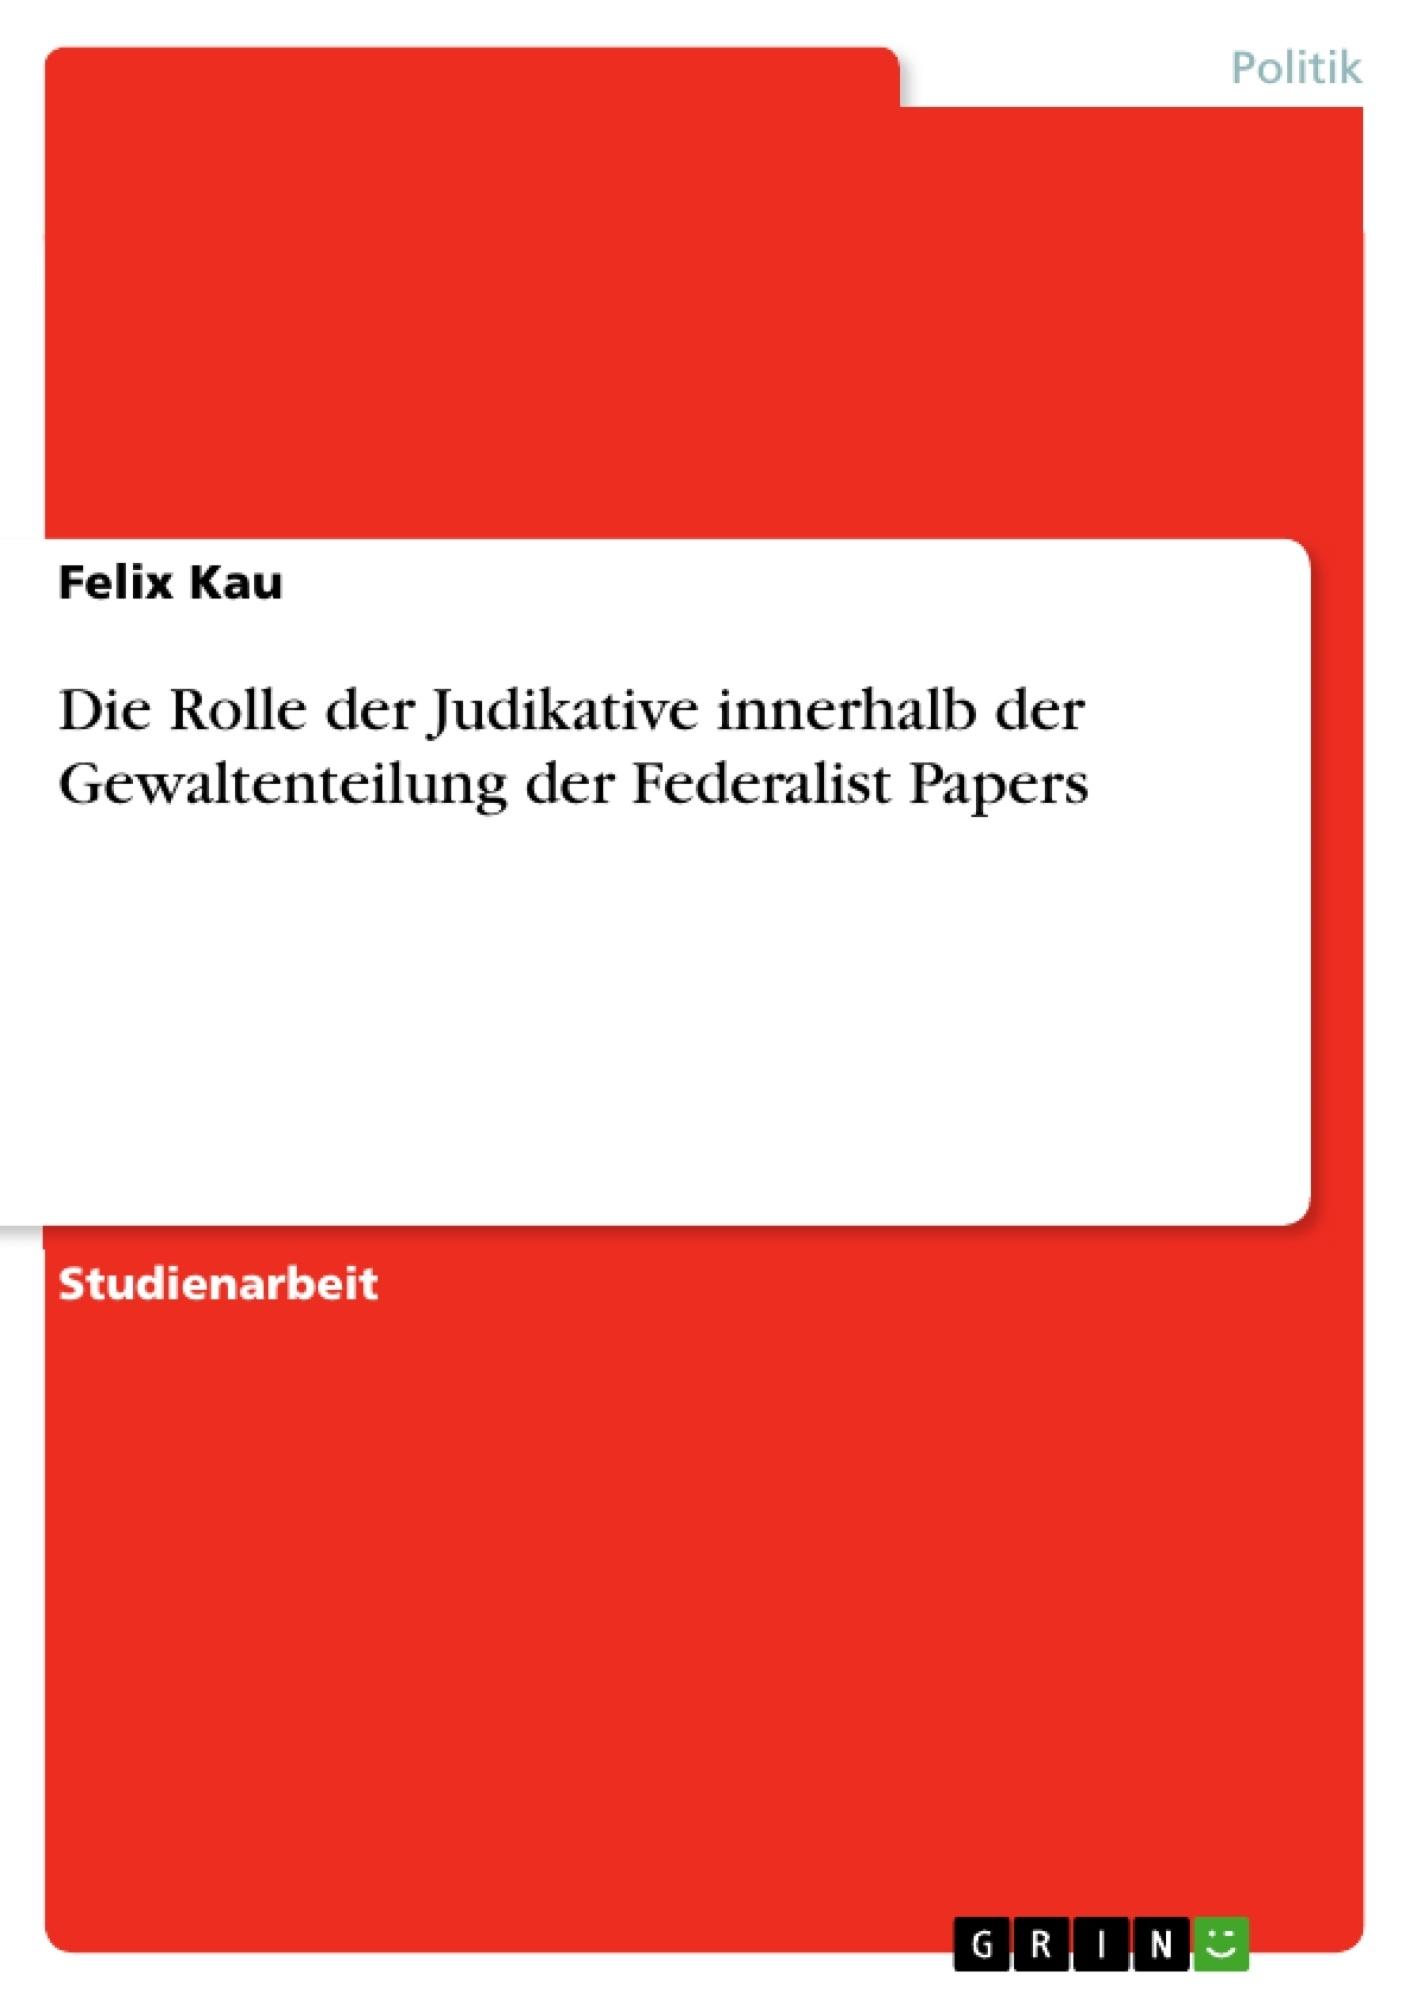 Titel: Die Rolle der Judikative innerhalb der Gewaltenteilung der Federalist Papers